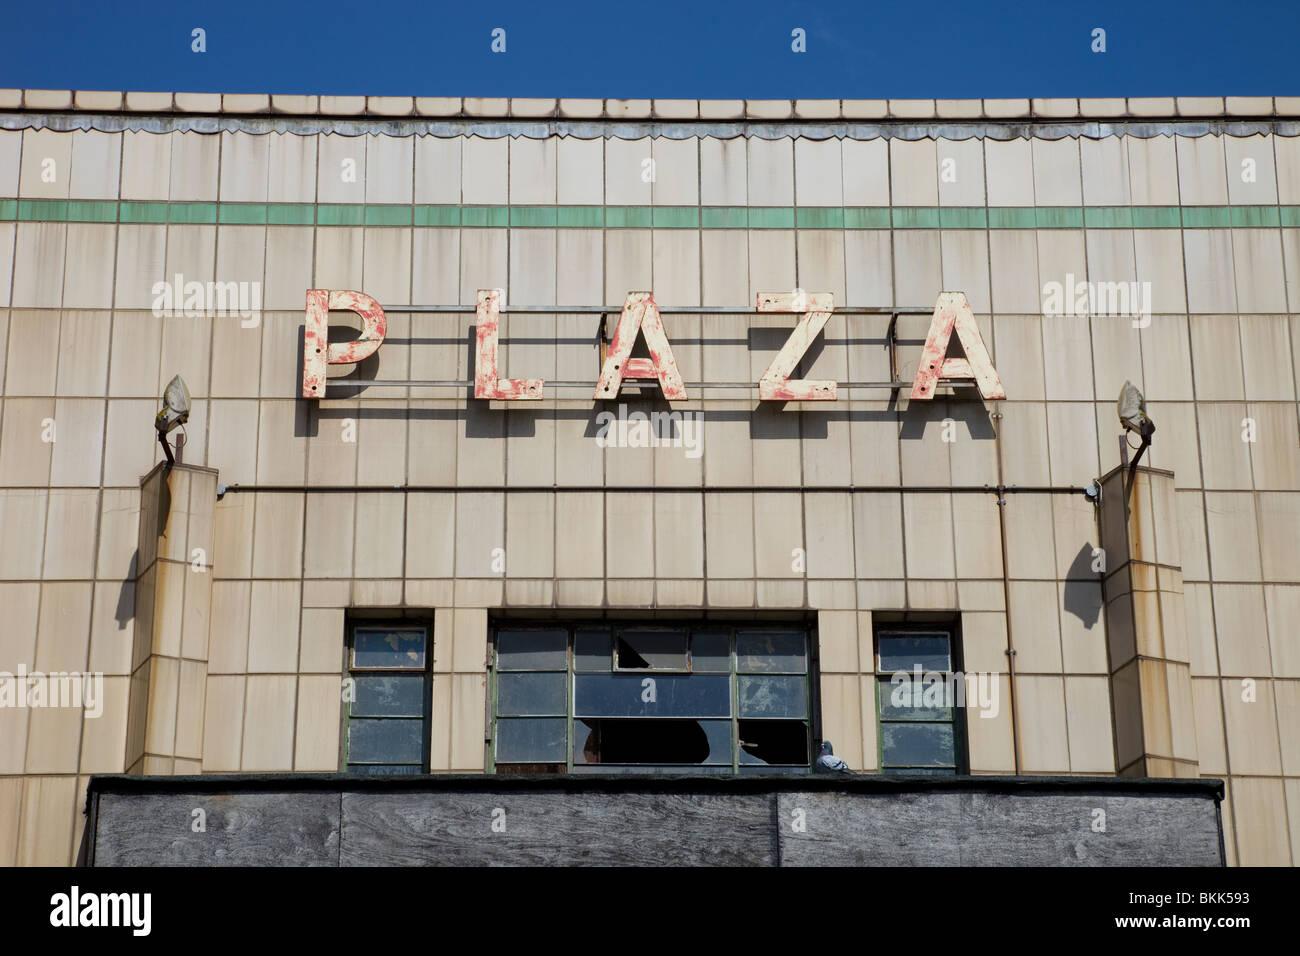 Verlassenen Kino in Port Talbot, Wales Stockbild